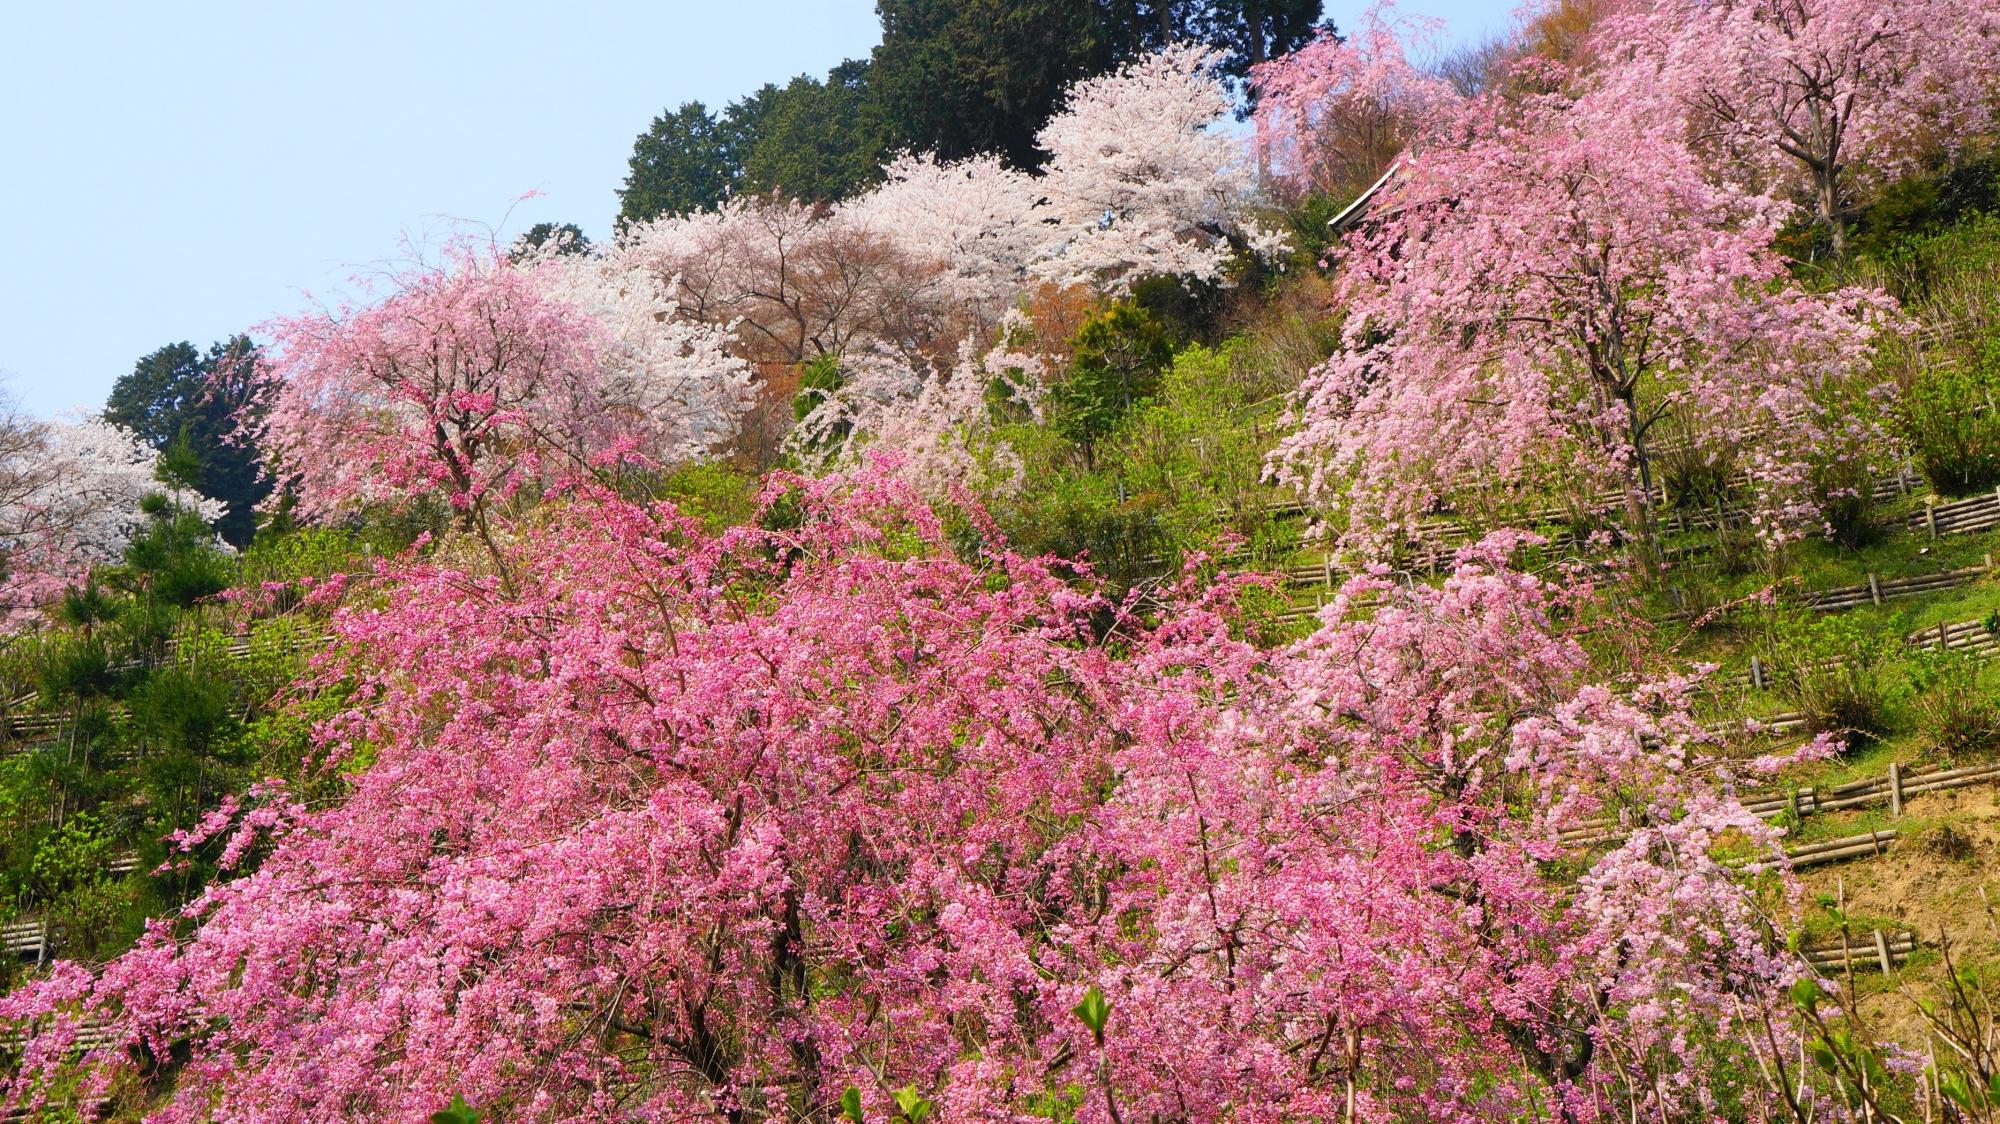 見事な春色につつまれた善峯寺の白山桜あじさい苑